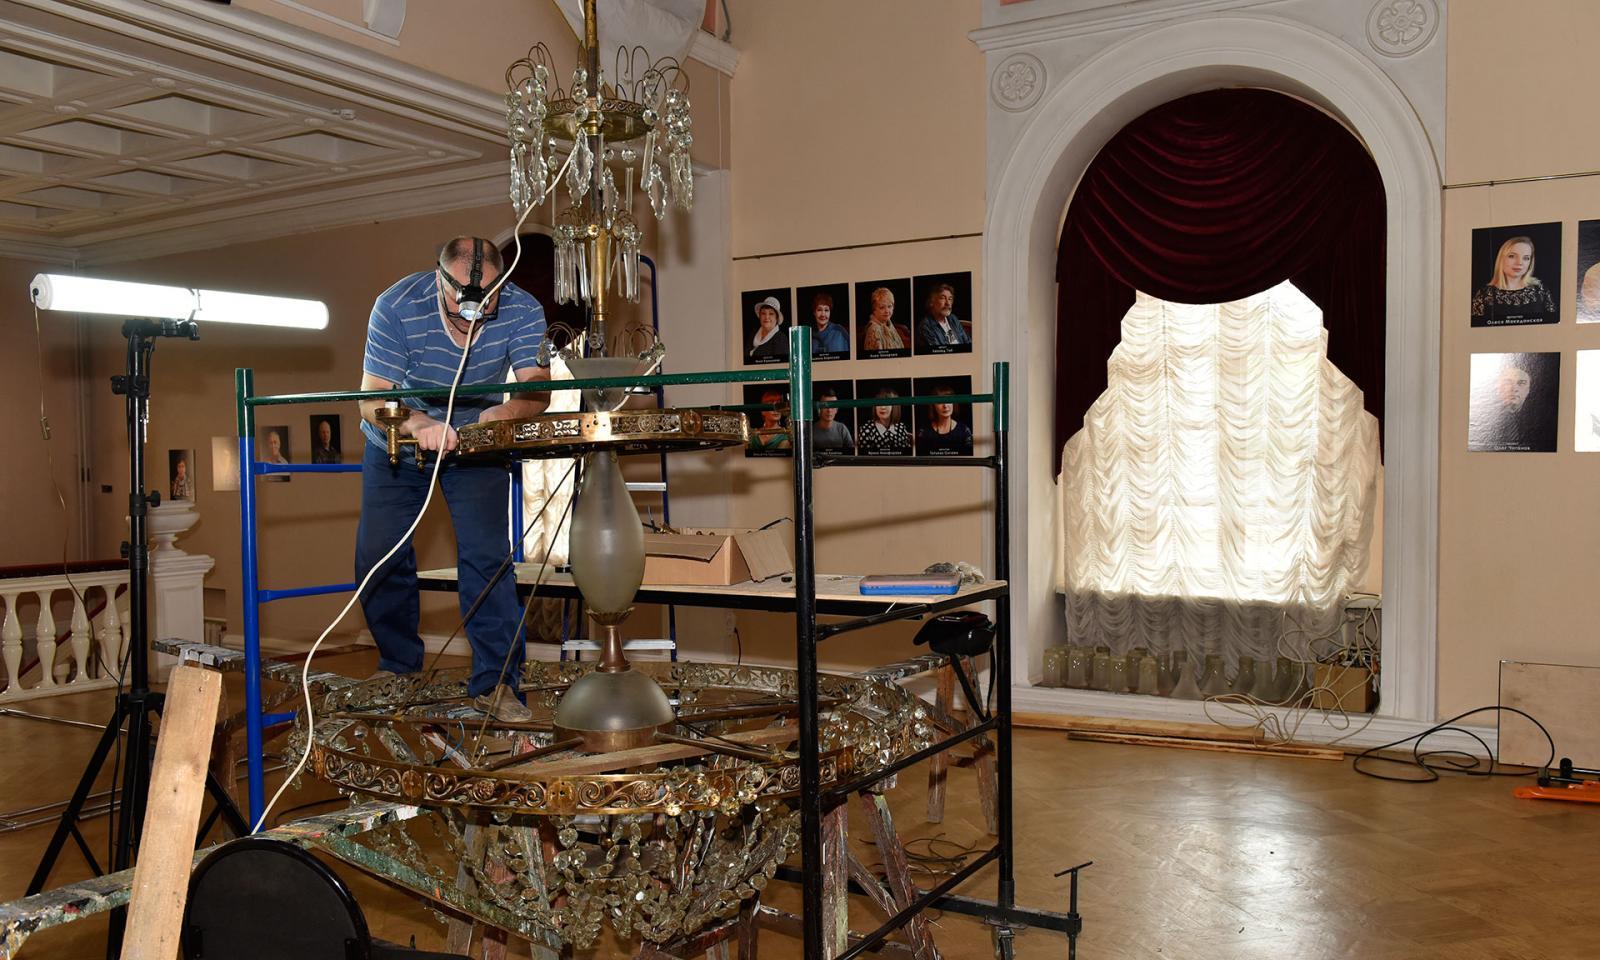 10 миллионов рублей потратят на новый свет в брянском драмтеатре